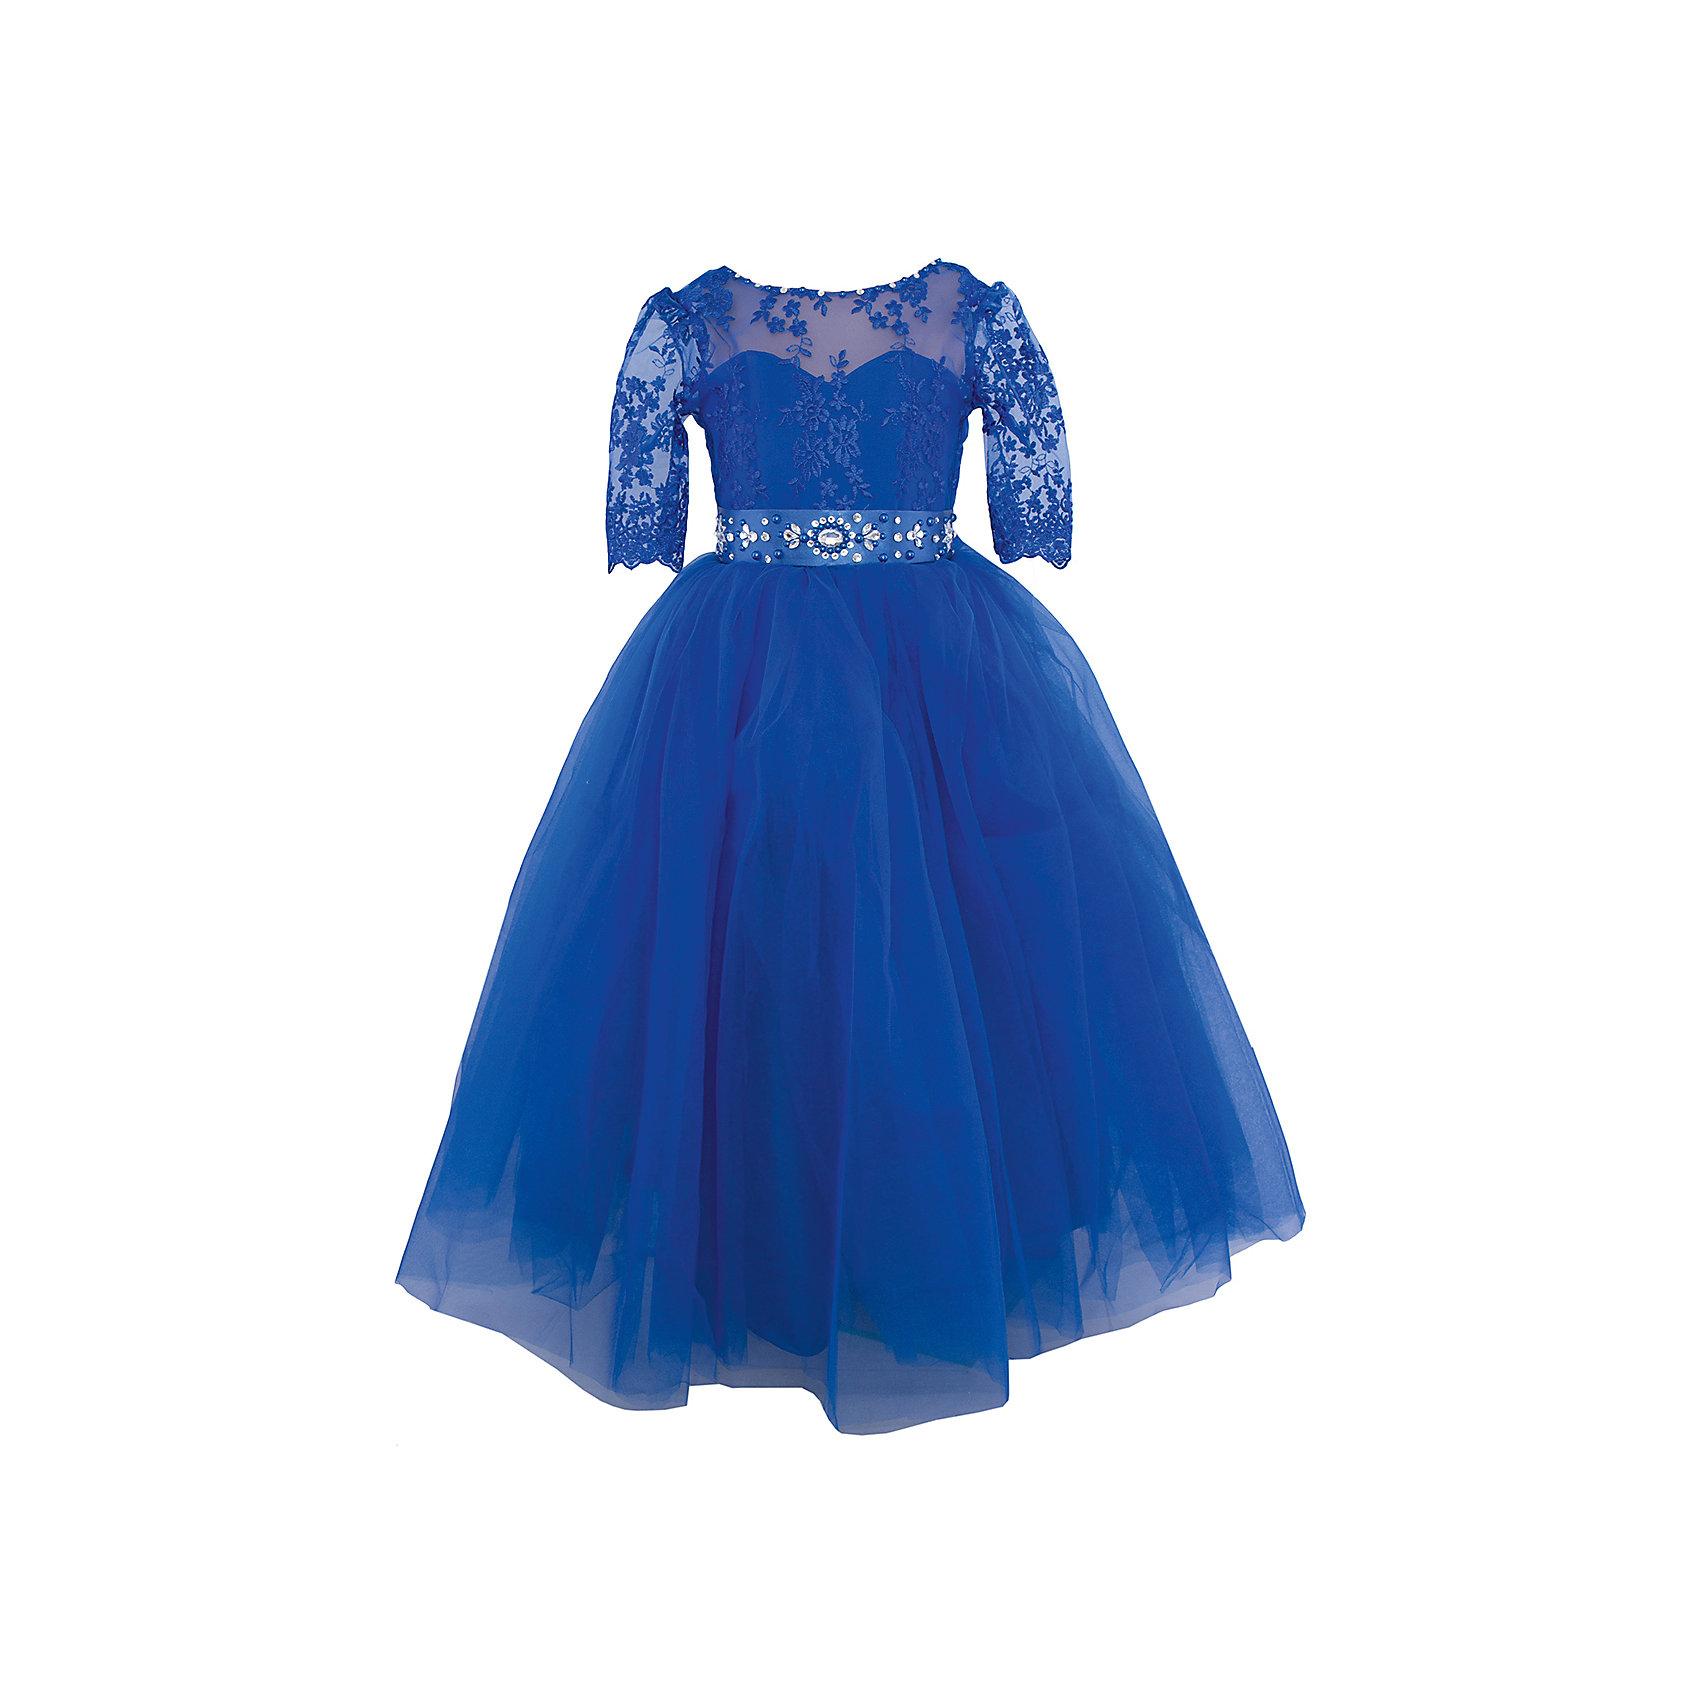 Платье нарядное ПрестижОдежда<br>Характеристики:<br><br>• Вид детской и подростковой одежды: платье<br>• Предназначение: праздничная<br>• Платье подходит для занятий бальными танцами<br>• Коллекция: Veronikaiko<br>• Сезон: круглый год<br>• Тематика рисунка: цветы<br>• Цвет: синий<br>• Материал: 100% полиэстер<br>• Силуэт: А-силуэт<br>• Юбка: солнце<br>• Рукав: 3/4<br>• Вырез горловины: круглый<br>• Длина платья: макси<br>• Застежка: молния на спинке<br>• В комплекте предусмотрен пояс, декорированный стразами<br>• Особенности ухода: ручная стирка при температуре не более 30 градусов<br><br>Платье регулируется шнуровкой сзади, от талии до верха спинки. Шнуровка в комплекте.<br>Платье подходит для занятий бальными танцами.<br><br>Платье нарядное для девочки Престиж от отечественного производителя праздничной одежды и аксессуаров как для взрослых, так и для детей. Изделие выполнено из 100% полиэстера, который обладает легкостью, прочностью, устойчивостью к износу и пятнам.<br><br>Платье отрезное по талии, имеет классический А-силуэт, круглую горловину и пышную юбку макси. Верх платья выполнен в стиле корсета с кружевом и рукавами 3/4. Платье выполнено в ярком красном цвете. В комплекте предусмотрен пояс, декорированный стразами.<br><br>Платье нарядное для девочки Престиж – это неповторимый стиль вашей девочки на любом торжестве!<br><br>Платье нарядное для девочки Престиж можно купить в нашем интернет-магазине.<br><br>Ширина мм: 236<br>Глубина мм: 16<br>Высота мм: 184<br>Вес г: 177<br>Цвет: синий<br>Возраст от месяцев: 72<br>Возраст до месяцев: 84<br>Пол: Женский<br>Возраст: Детский<br>Размер: 116,134,122,128<br>SKU: 5158356